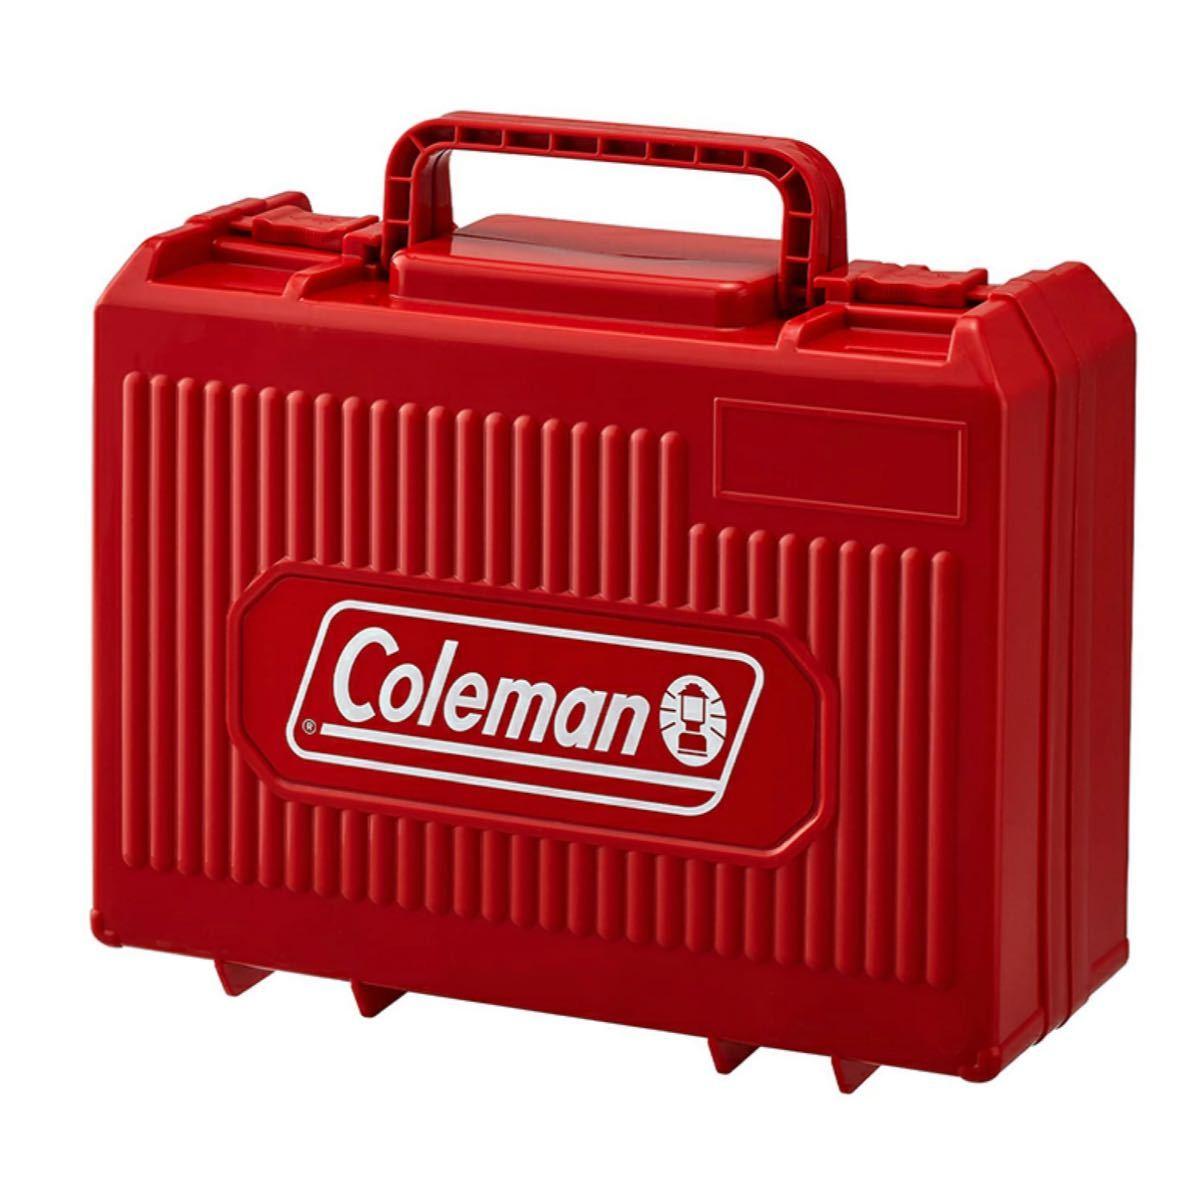 Coleman シングルガスストーブ 2021モデル